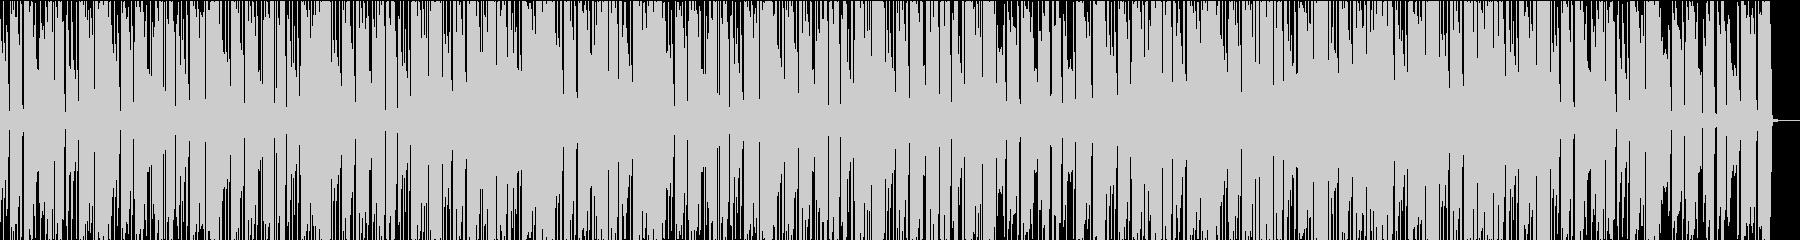 映像・海・波の音・爽やか・オーガニック2の未再生の波形